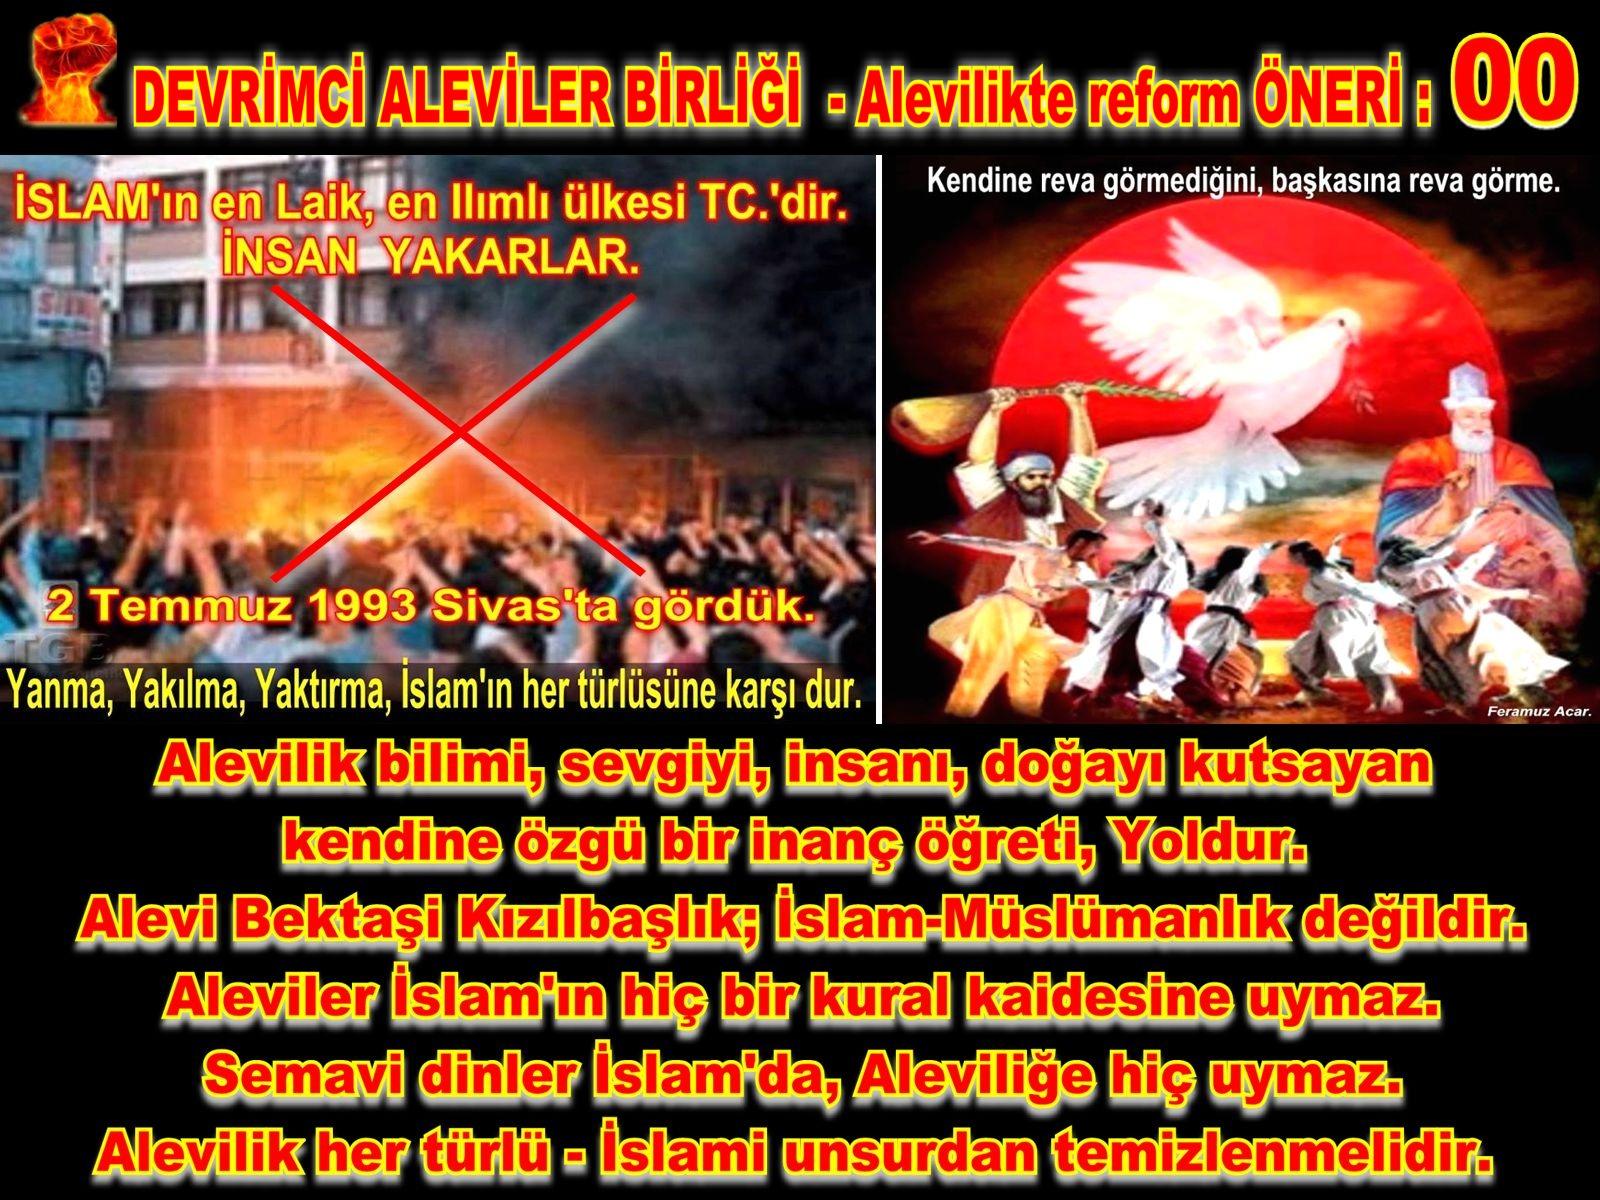 Devrimci Aleviler Birliği DAB Alevi Kızılbaş Bektaşi pir sultan cem hz Ali 12 imam semah Feramuz Şah Acar REFOM oneri0